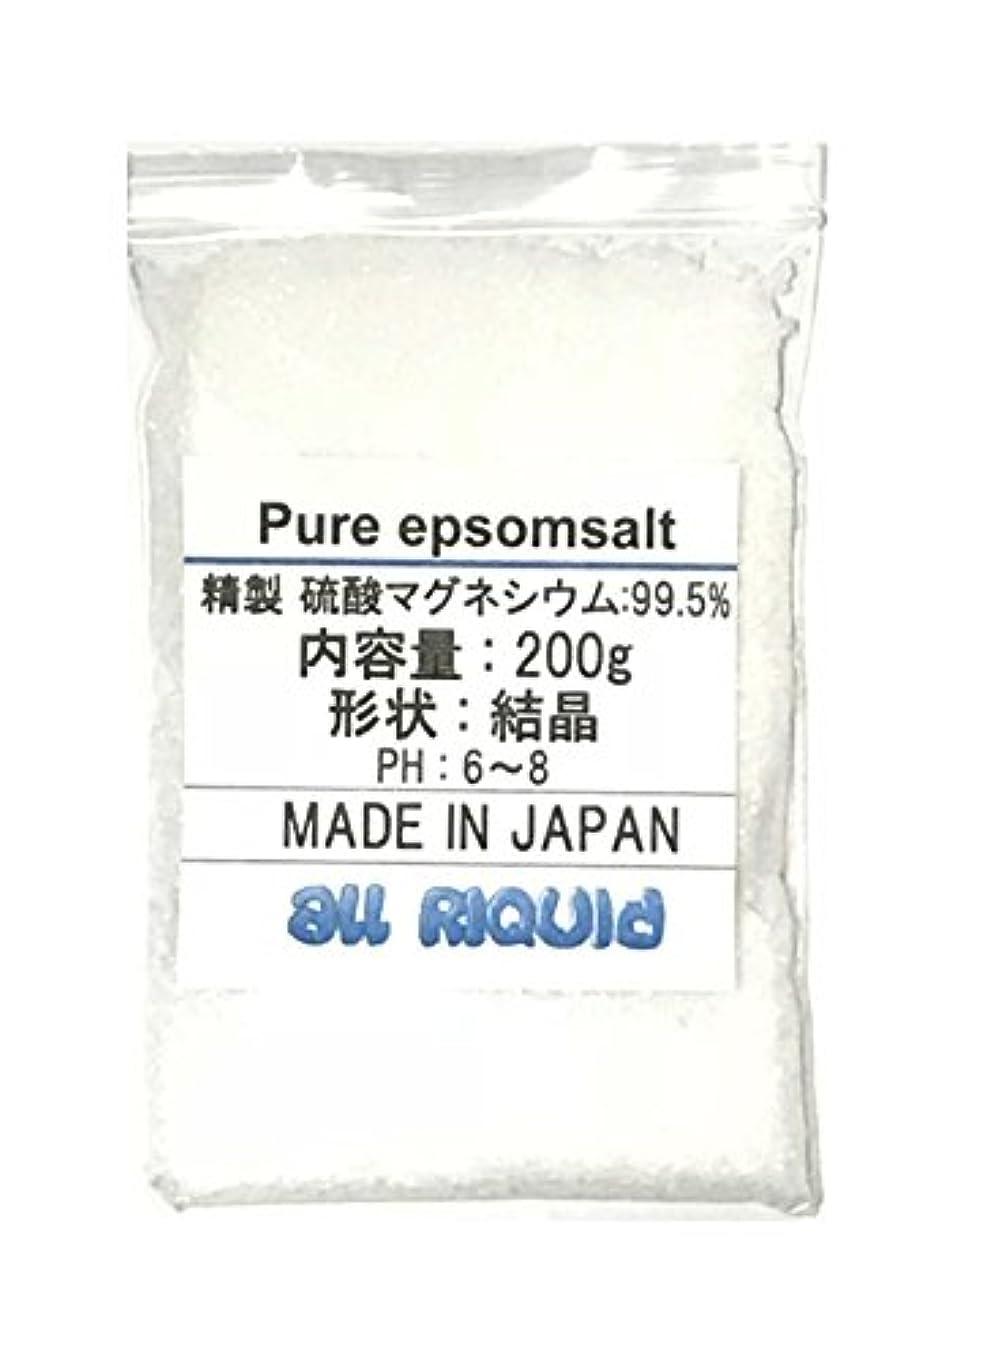 連続したマイク砲撃純 エプソム 無香料 200g x2 (硫酸マグネシウム) 2回分 99.5% 国産品 オールリキッド